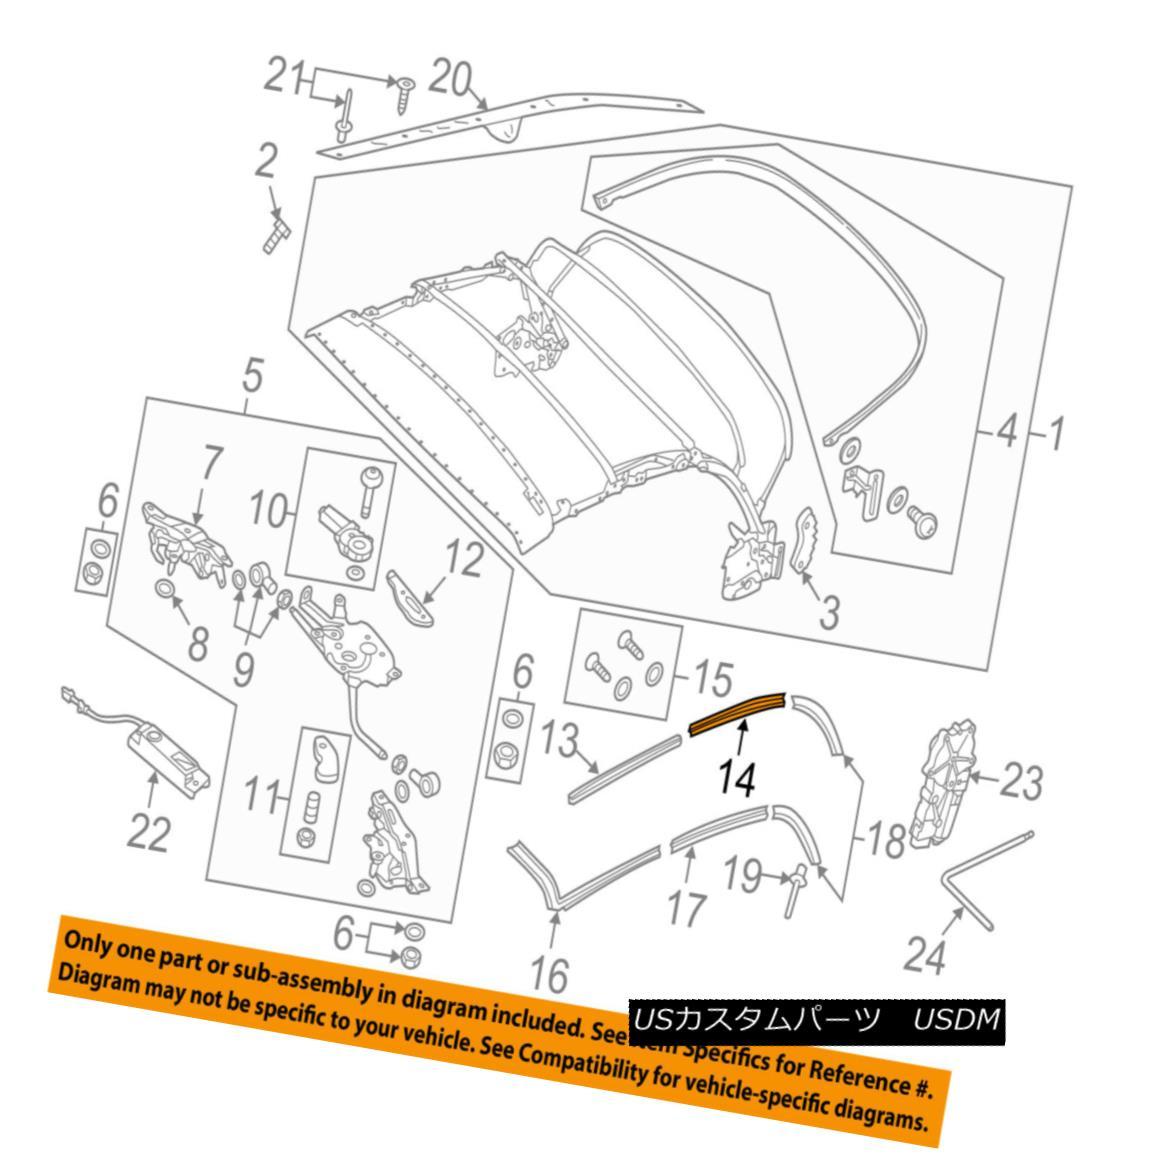 幌・ソフトトップ VW VOLKSWAGEN OEM 13-17 Beetle Soft Top-Rear Track Left 5C3871359 VWフォルクスワーゲンOEM 13-17ビートルソフト・トップ・リア・トラック左5C3871359